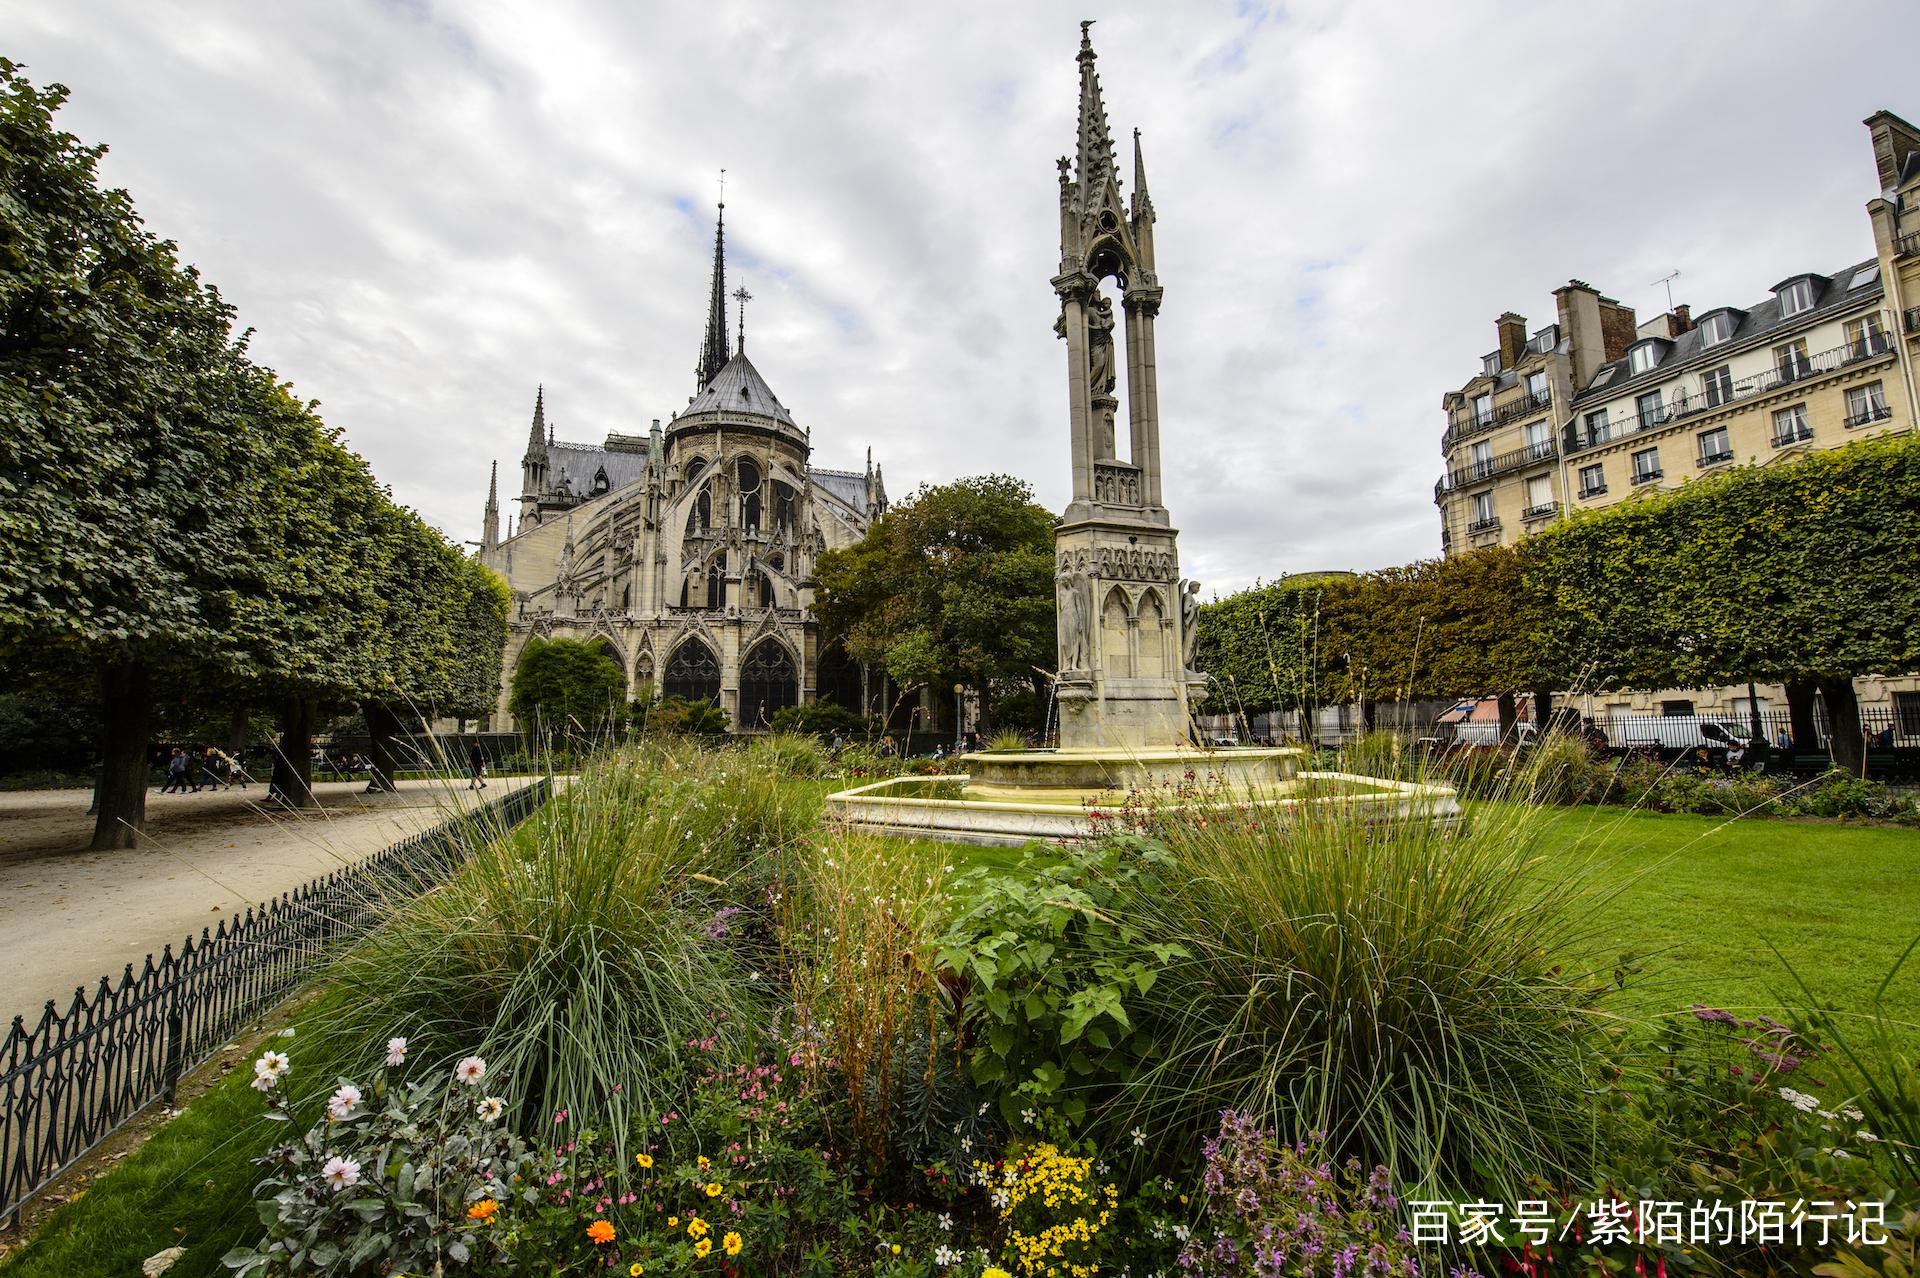 文川最有名的怪人,巴黎美女与吉普赛教堂的故钟楼美女图片